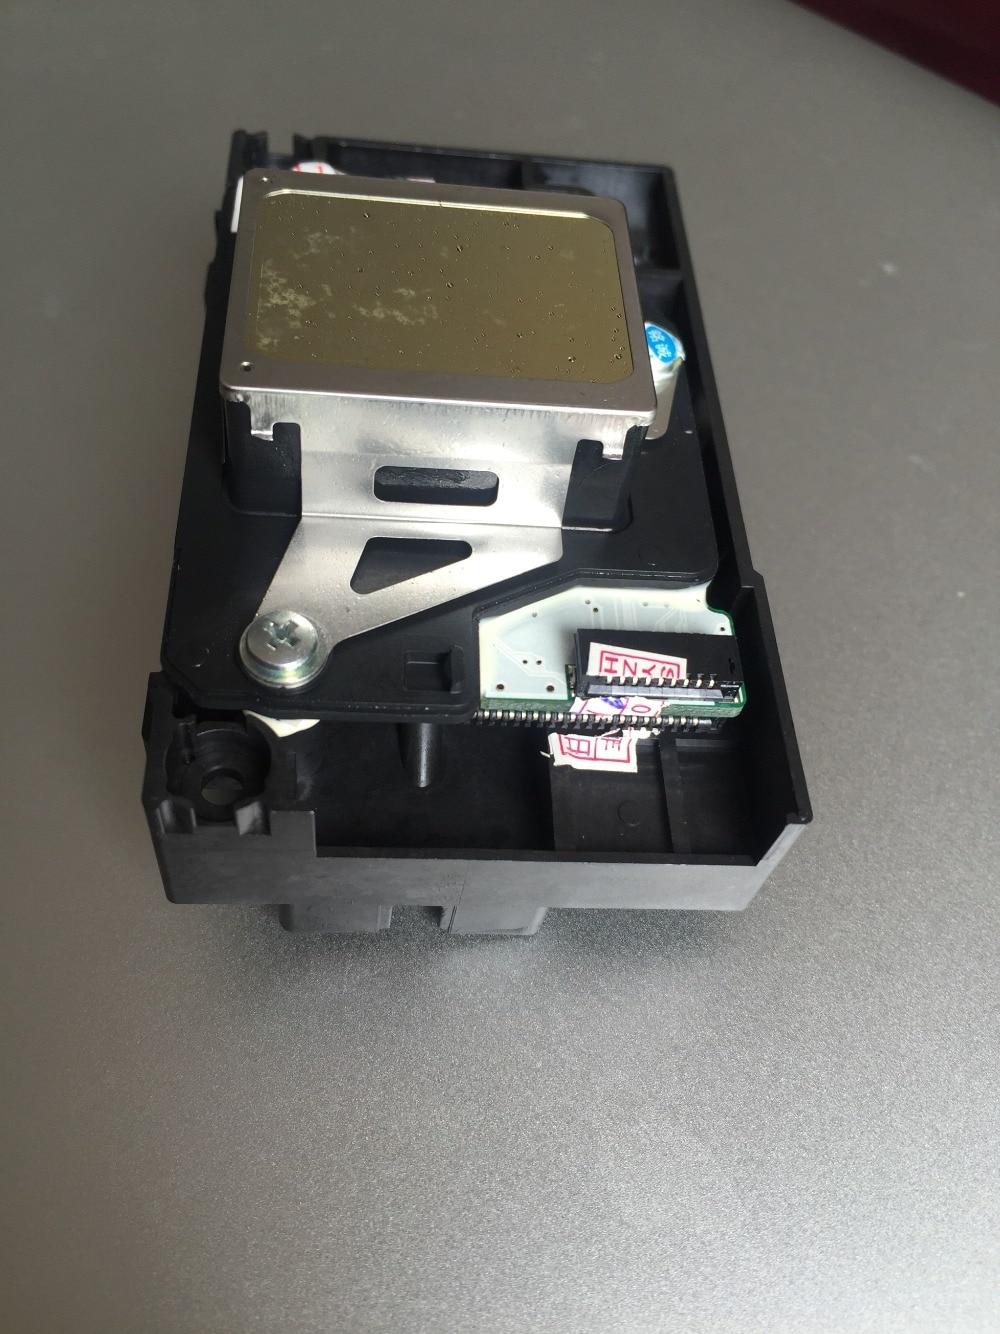 F173050 F173030 F173060 Printhead Print Head For Epson 1390 1400 1410 1430 R360 R380 R390 R265 R260 R270 R380 RX580 RX590 L1800